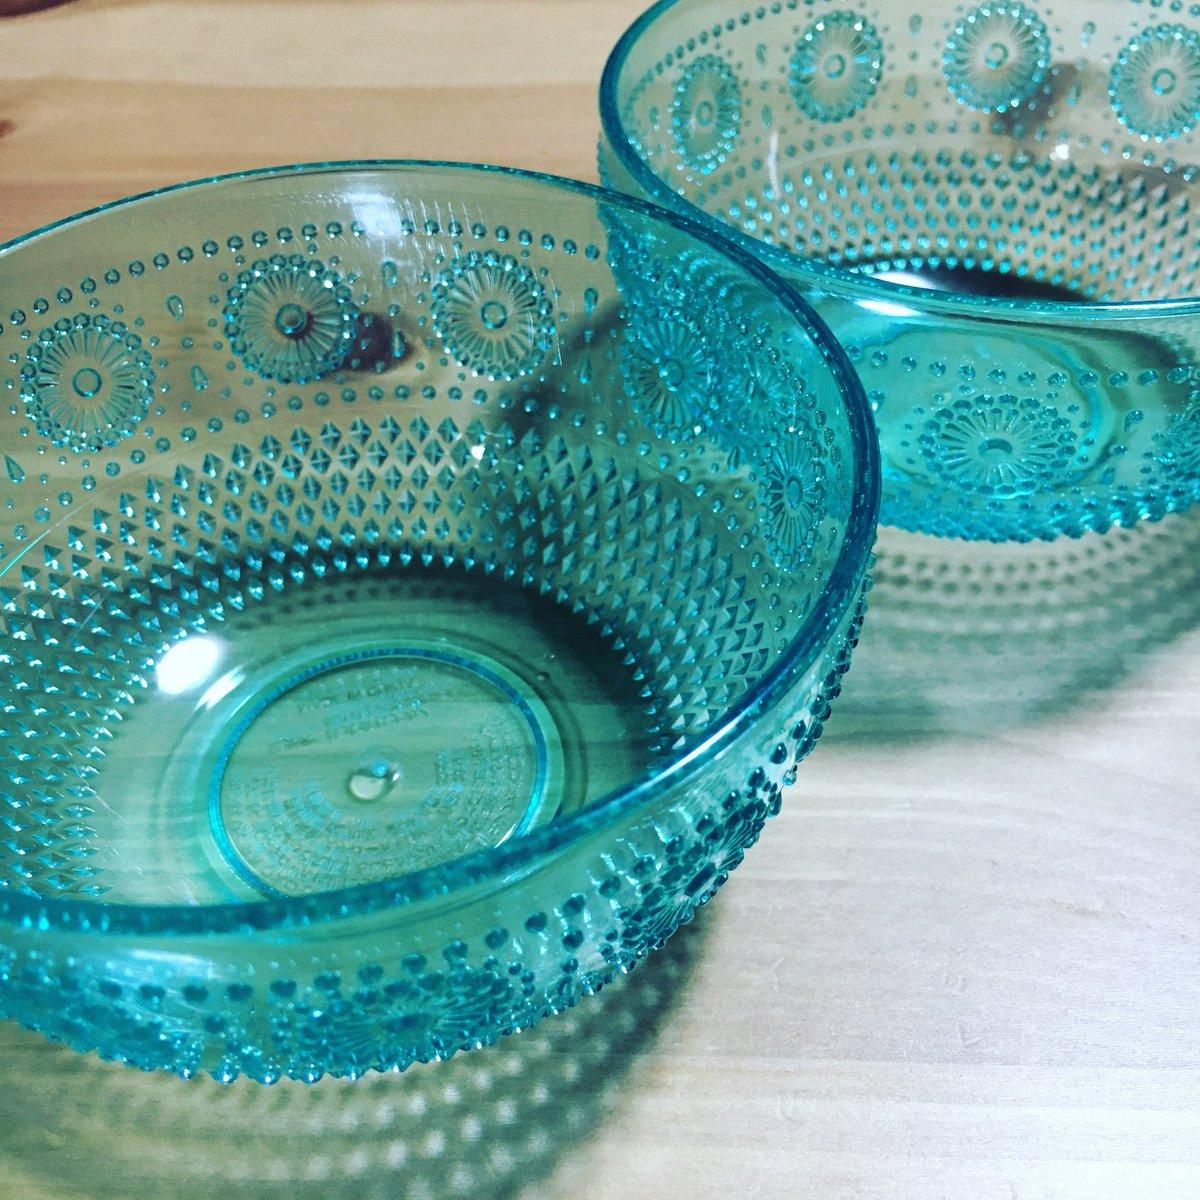 test ツイッターメディア - ヨーグルトを食べる時のカップが欲しくて。 セリアで可愛いのを見つけたよ!! なんか、トルコみたいなイメージ(?) 大きさも丁度良いし、美味しく見せてくれそうっ(?>?<?)  #セリア #ヨーグルト #食器 #可愛い https://t.co/lN6pjrZivS